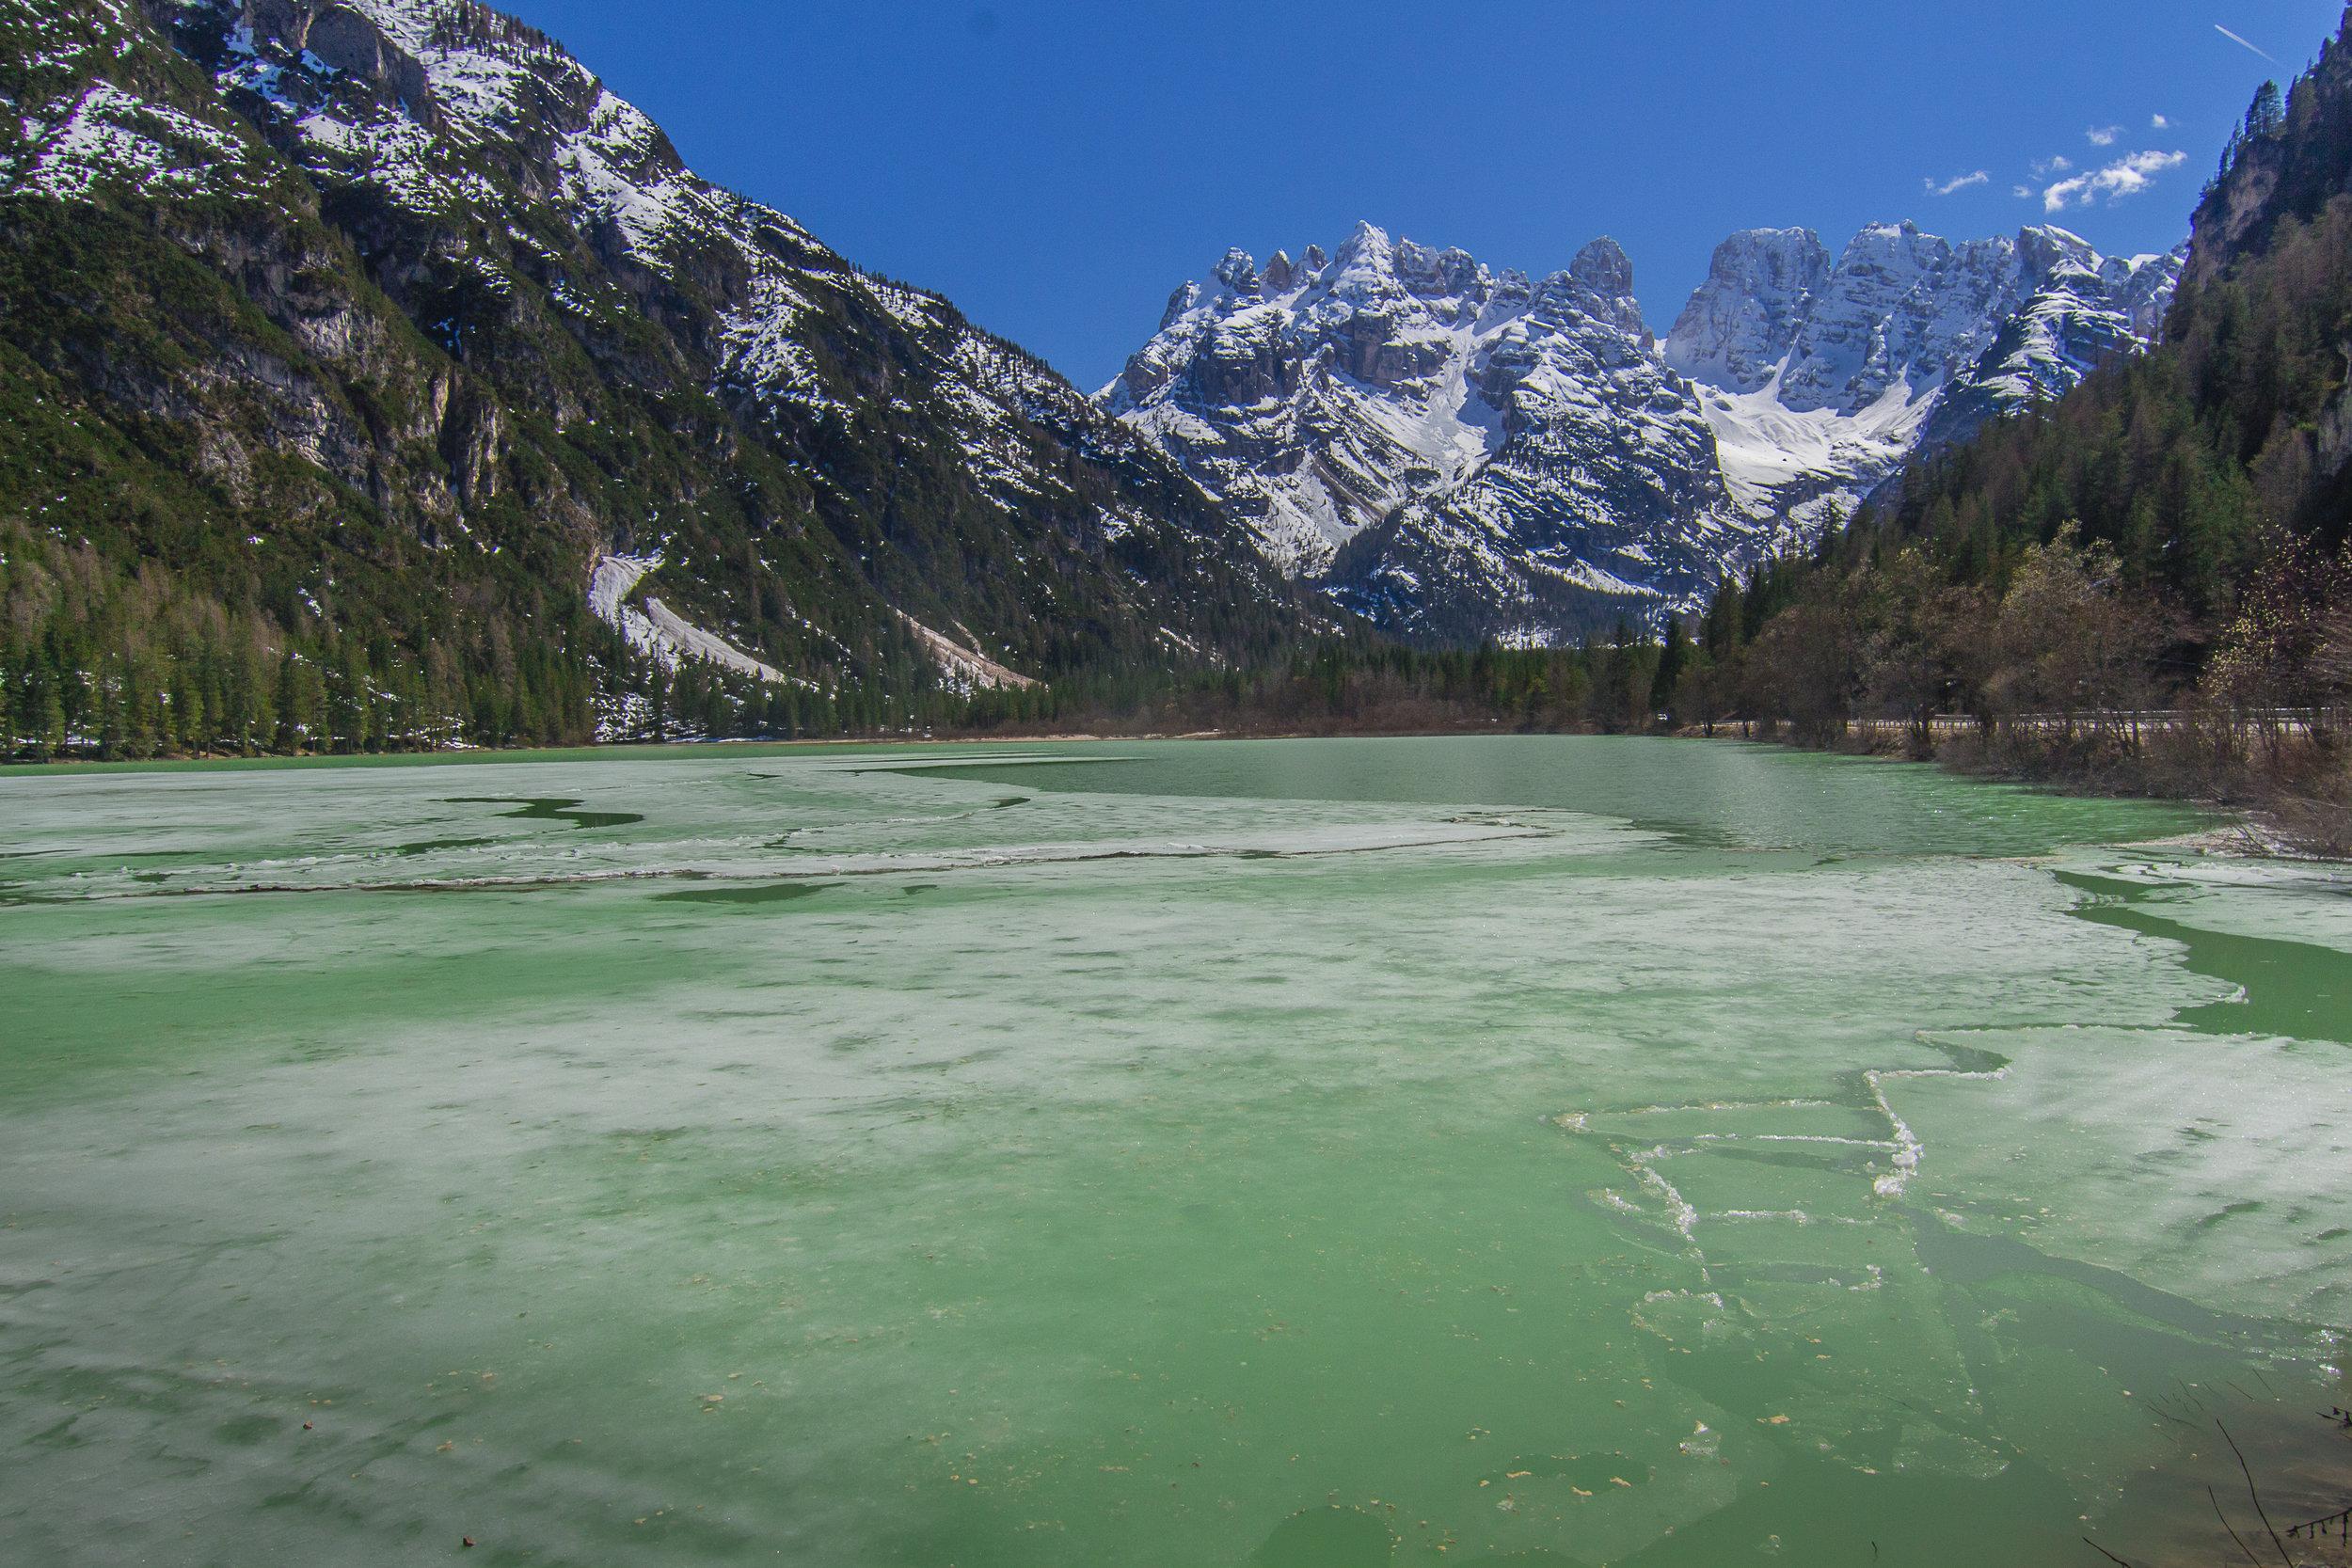 Lago di Landro, Monte Cristallo, Guillaume Cavalli (28 avril 2013)